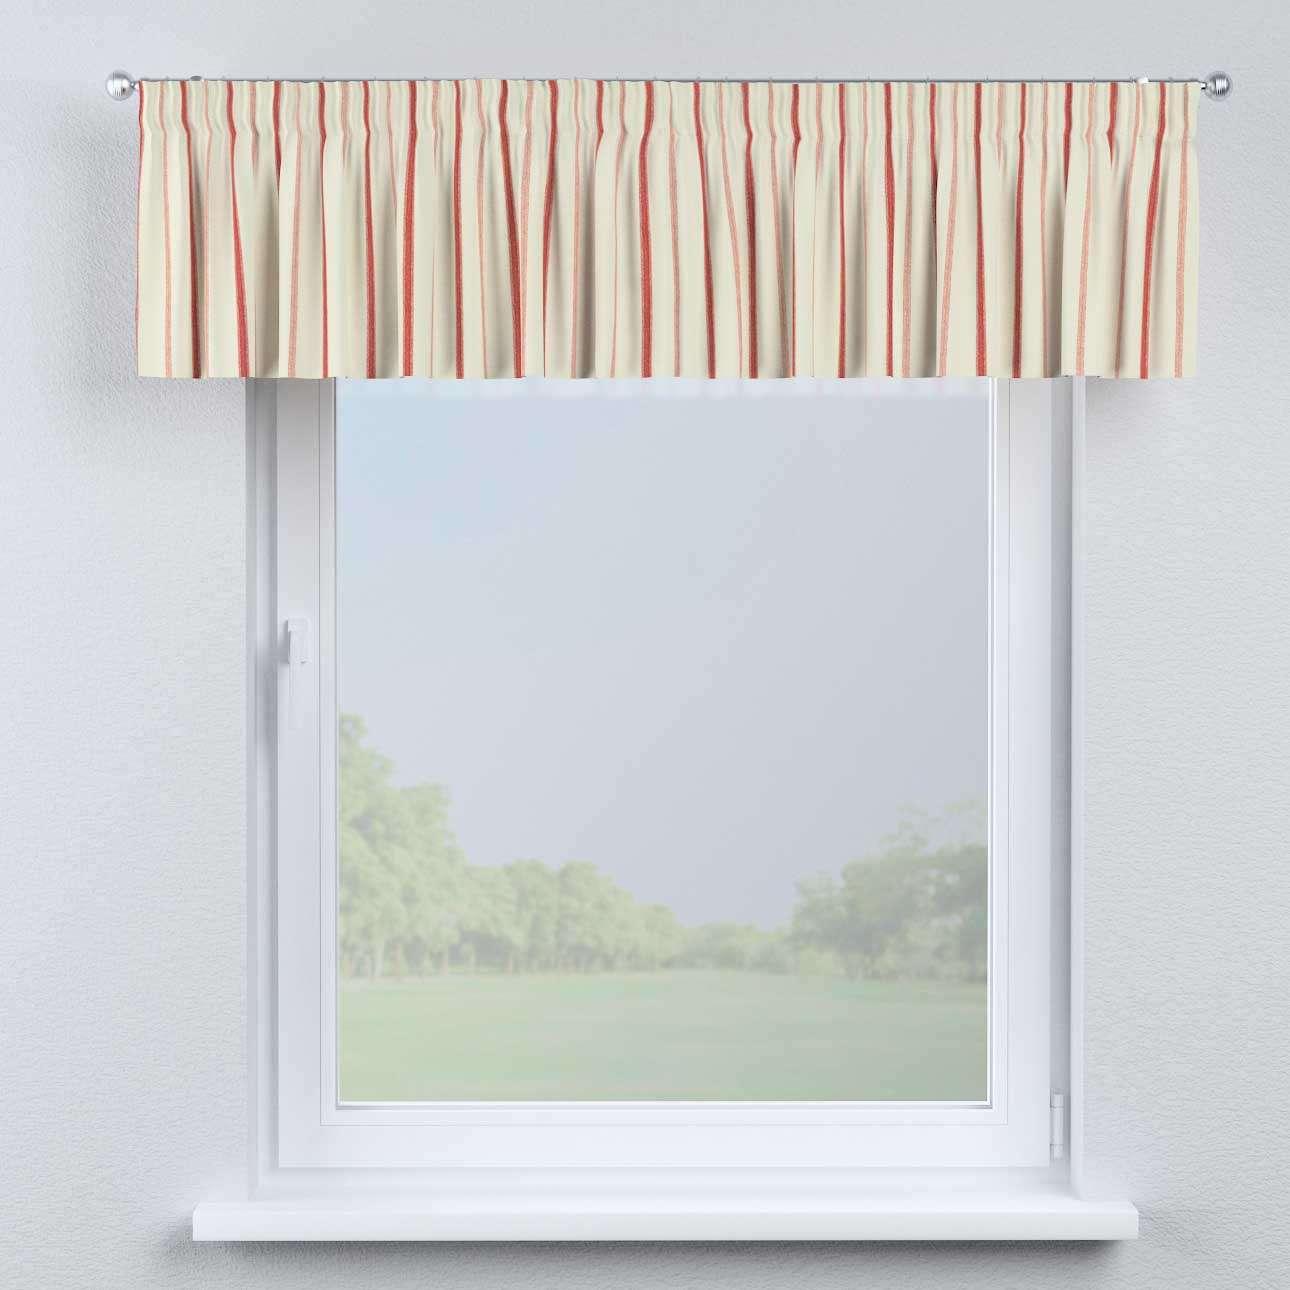 Lambrekin na taśmie marszczącej 130 x 40 cm w kolekcji Avinon, tkanina: 129-15